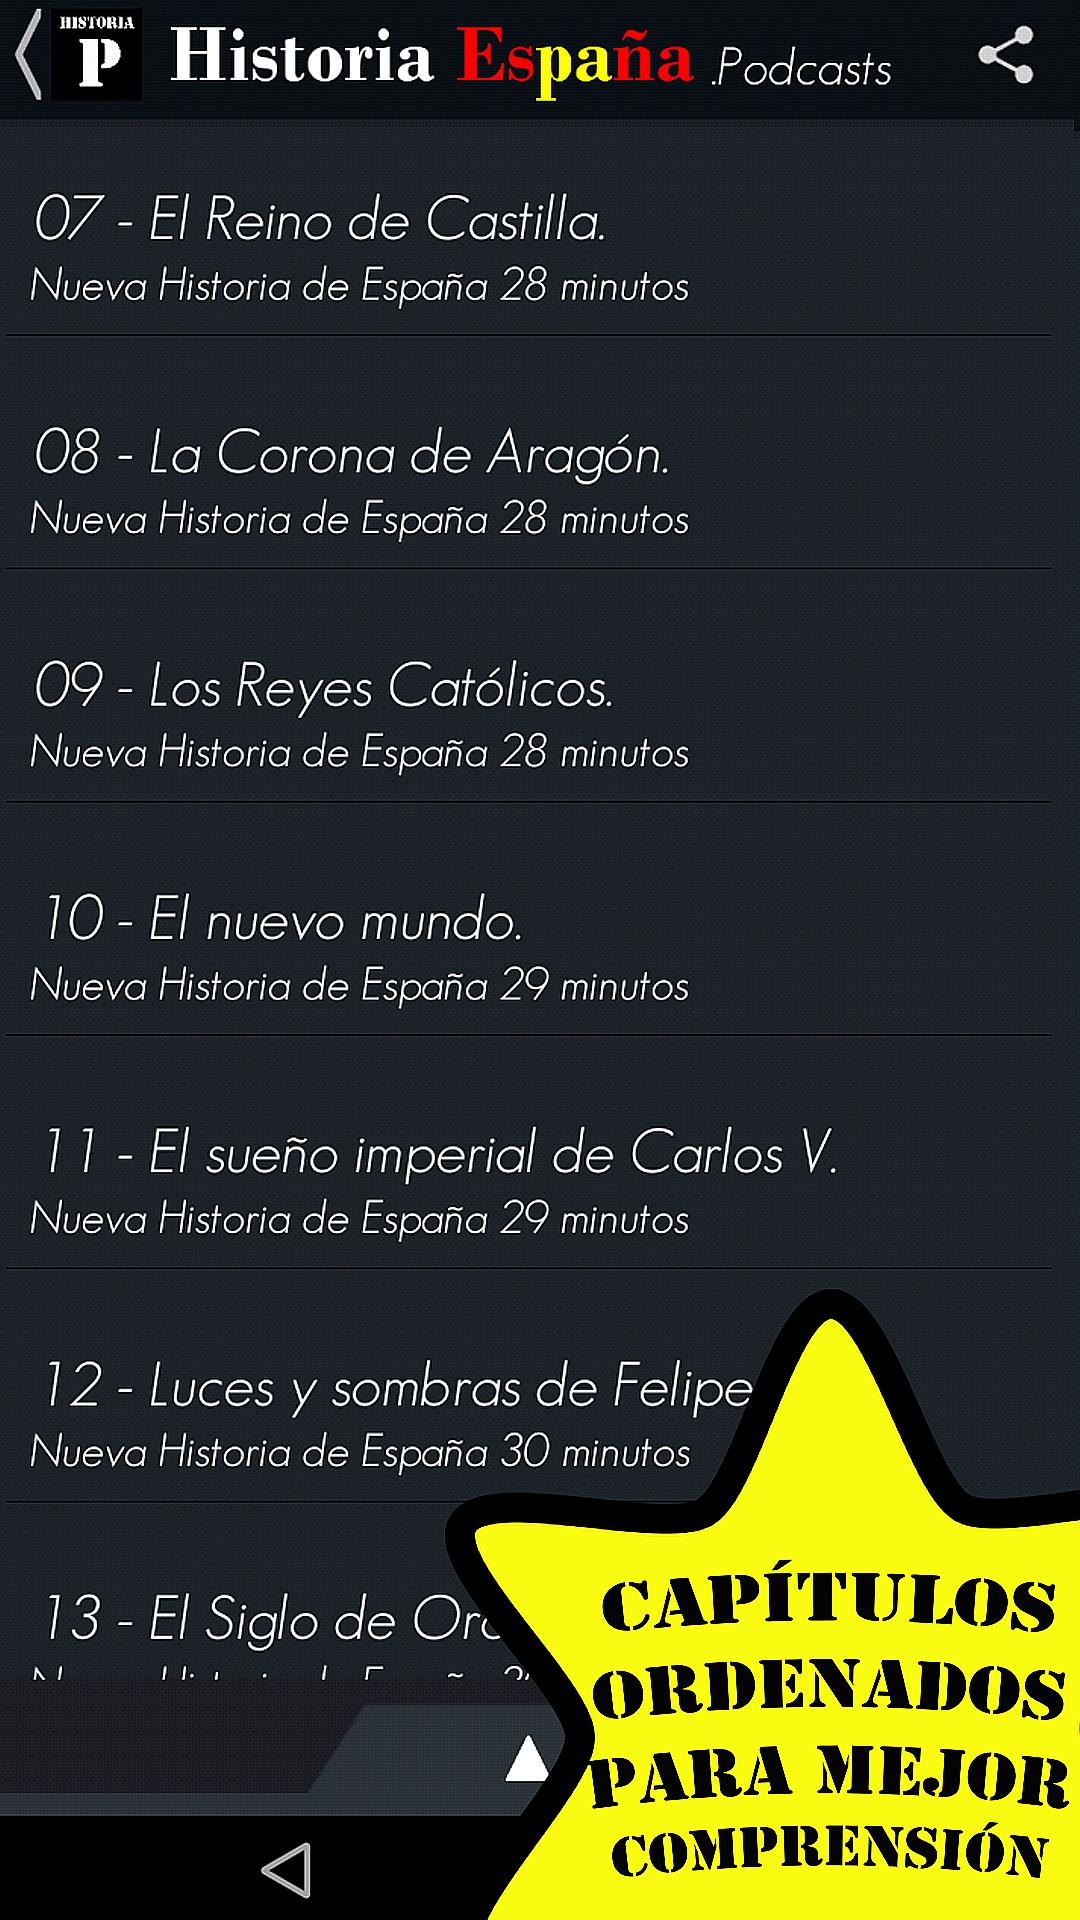 Historia España Podcasts - Sin Publicidad: Amazon.es: Appstore para Android